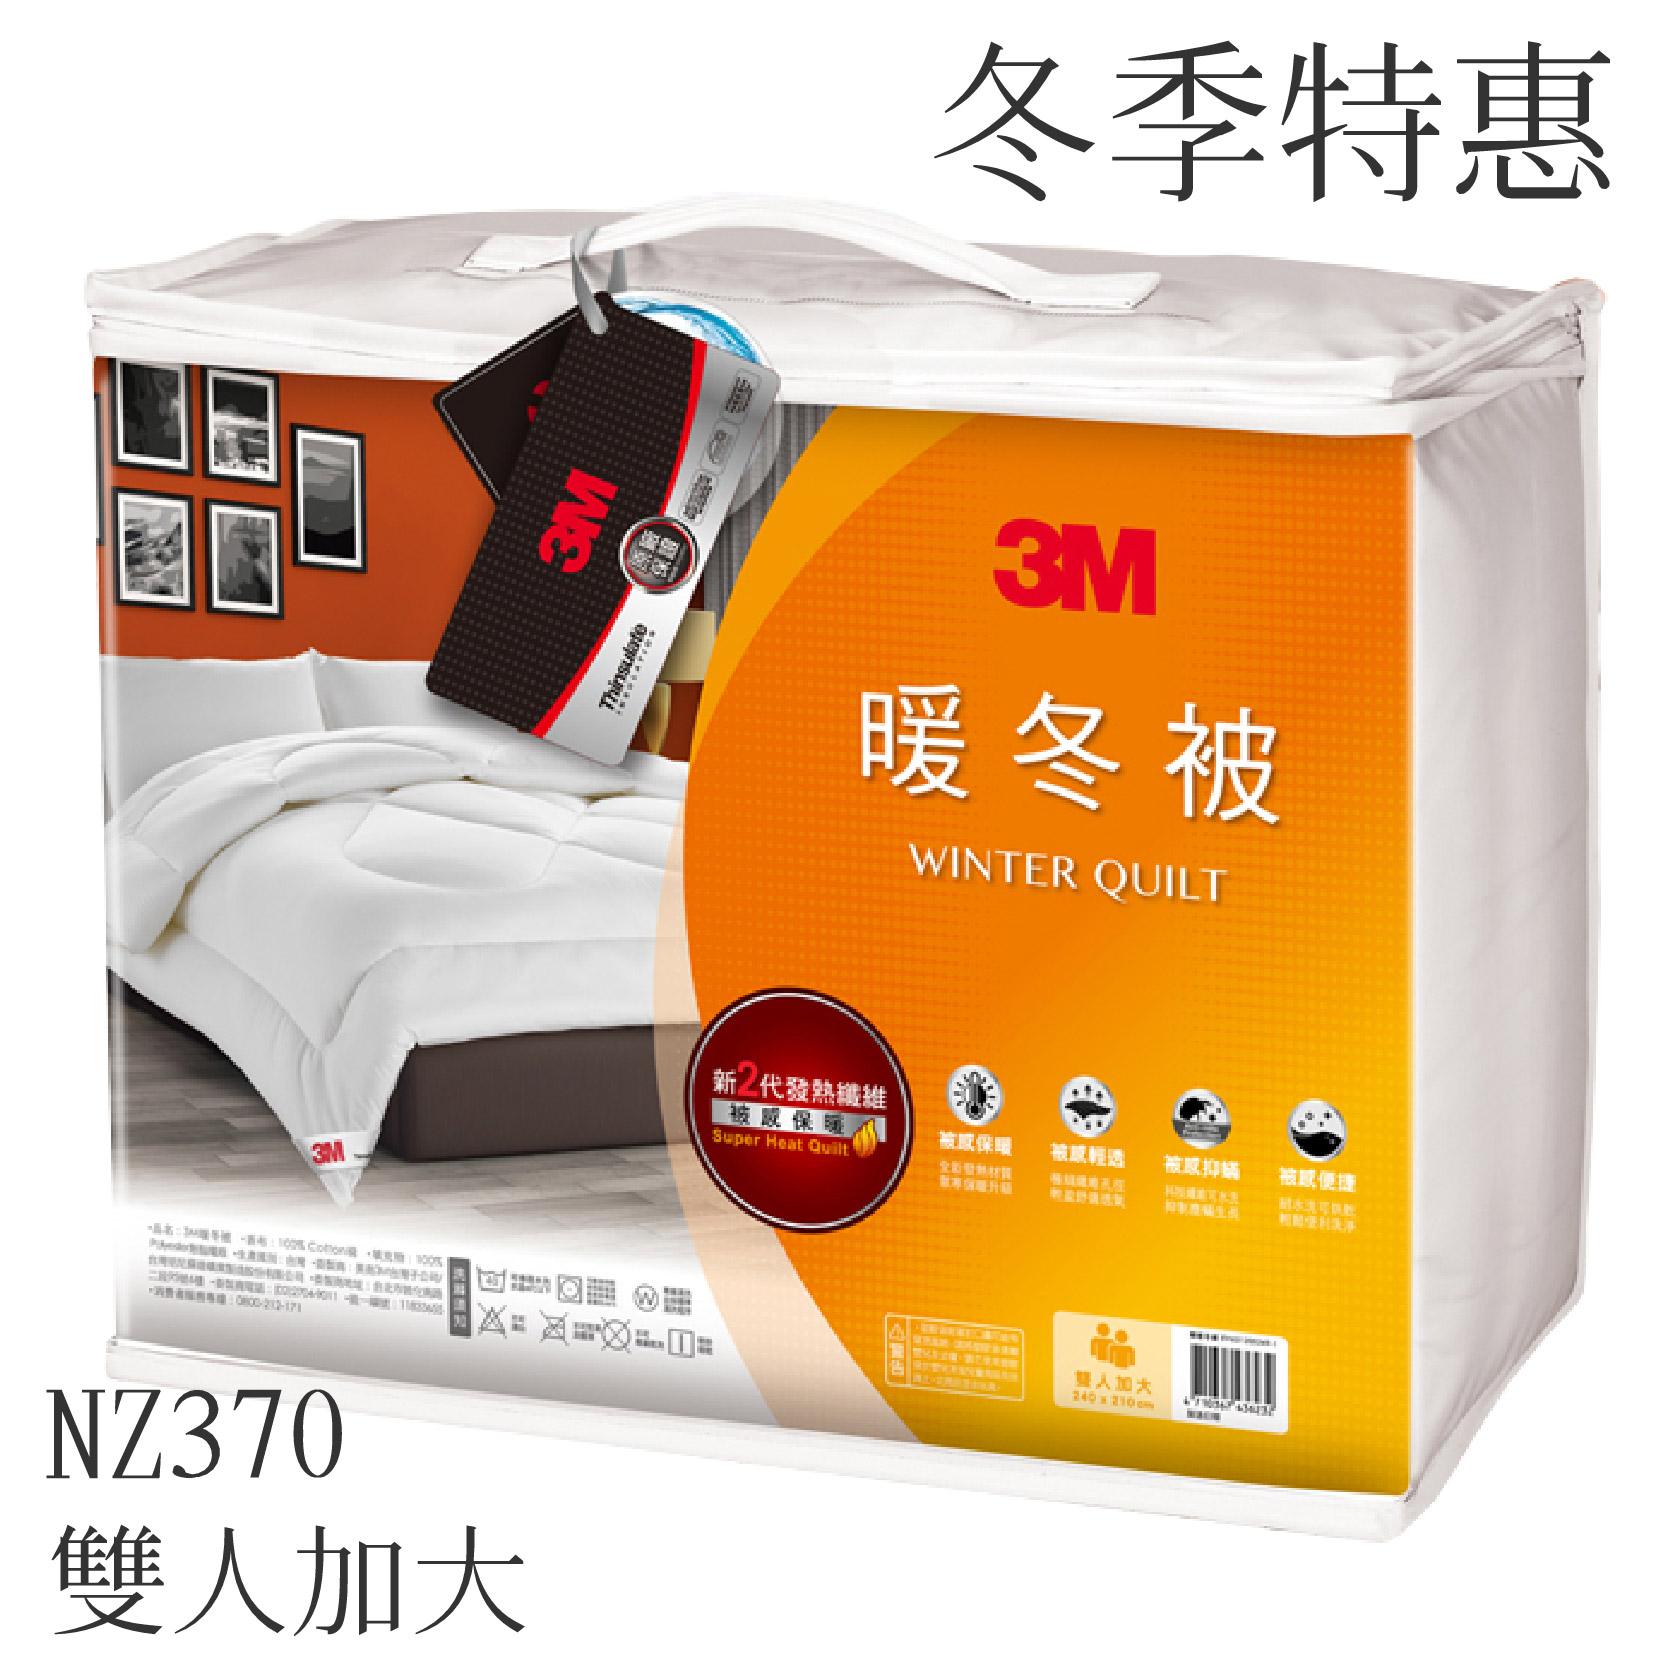 歲末暖心~【3M】NZ370 暖冬被 雙人加大 新2代發熱纖維 可水洗 棉被 被子 暖被 寢具 防蹣 居家 公司貨